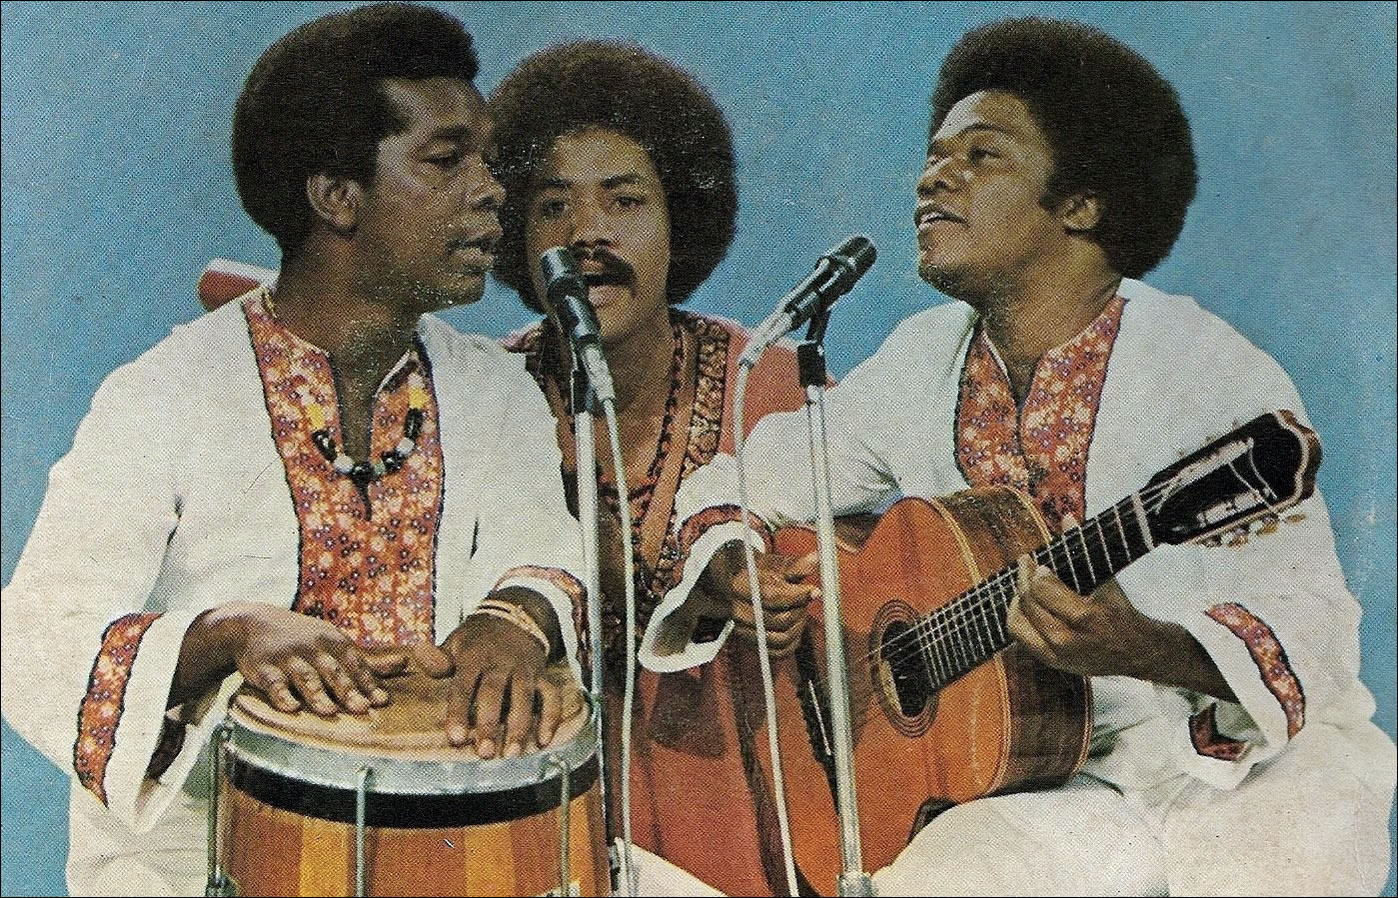 os-tincoas-1976-det